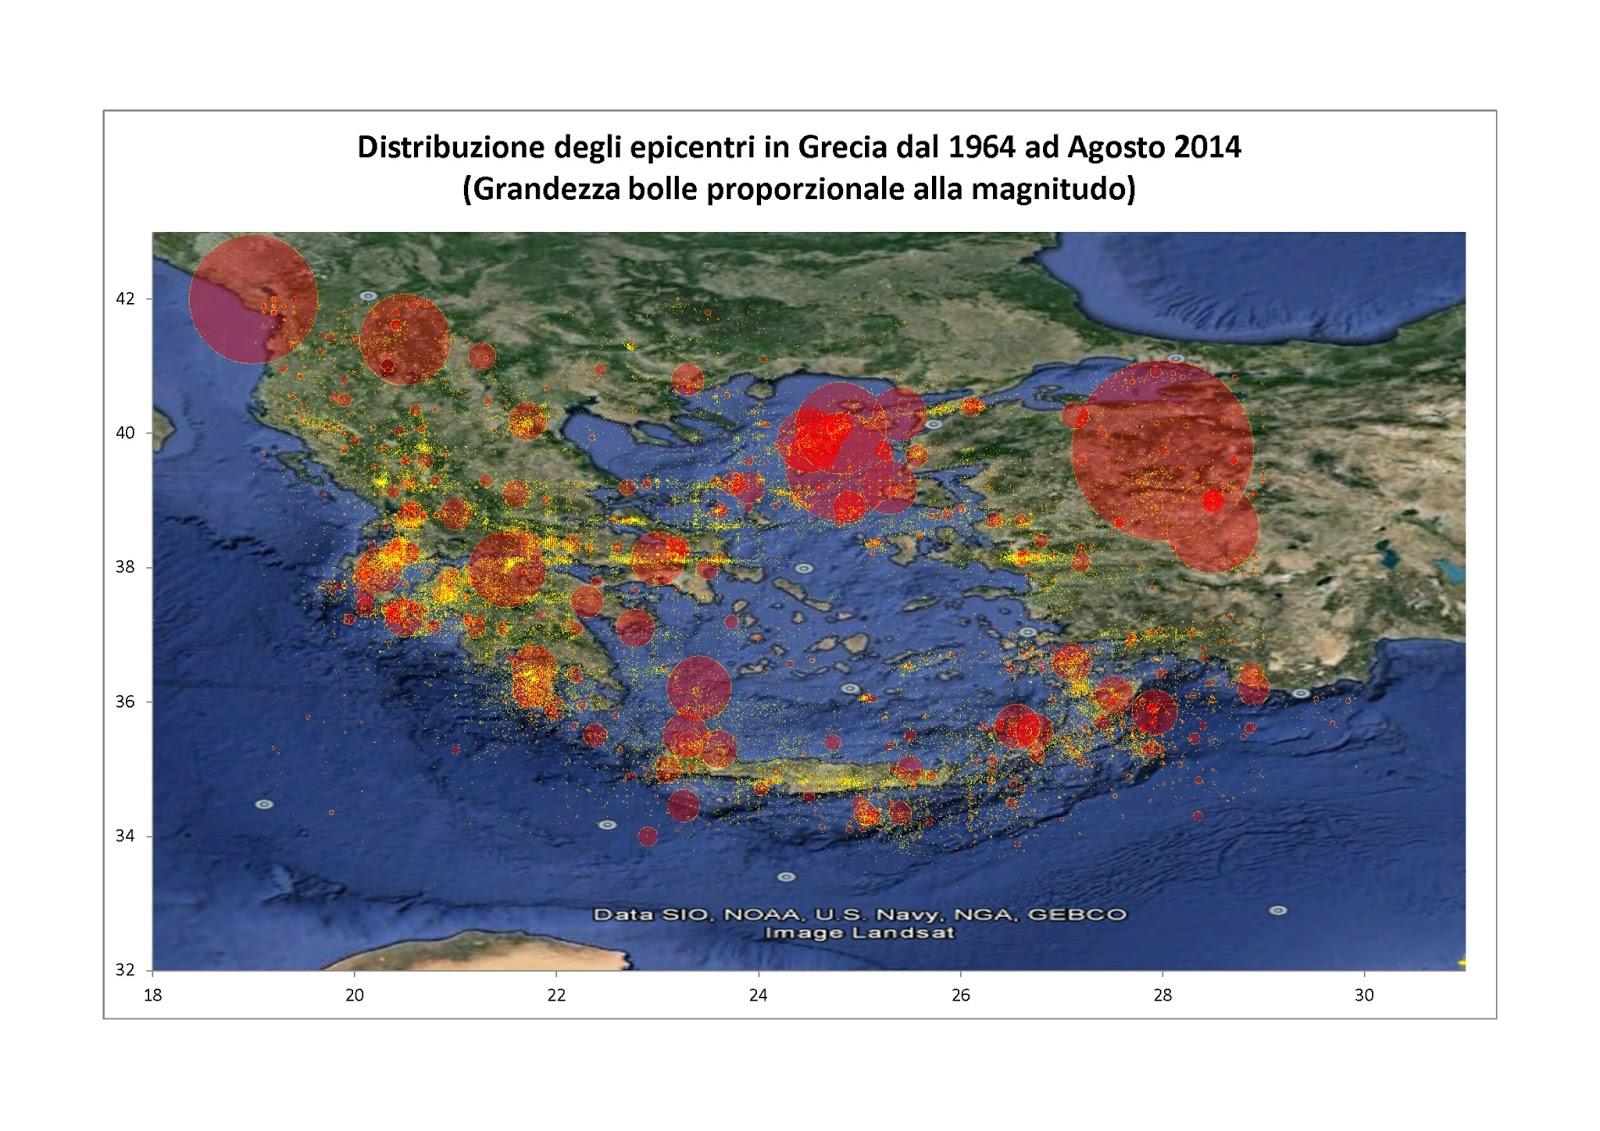 Geologia e sismicit dell 39 arco ellenico e della grecia for Planimetrie della cabina ad arco